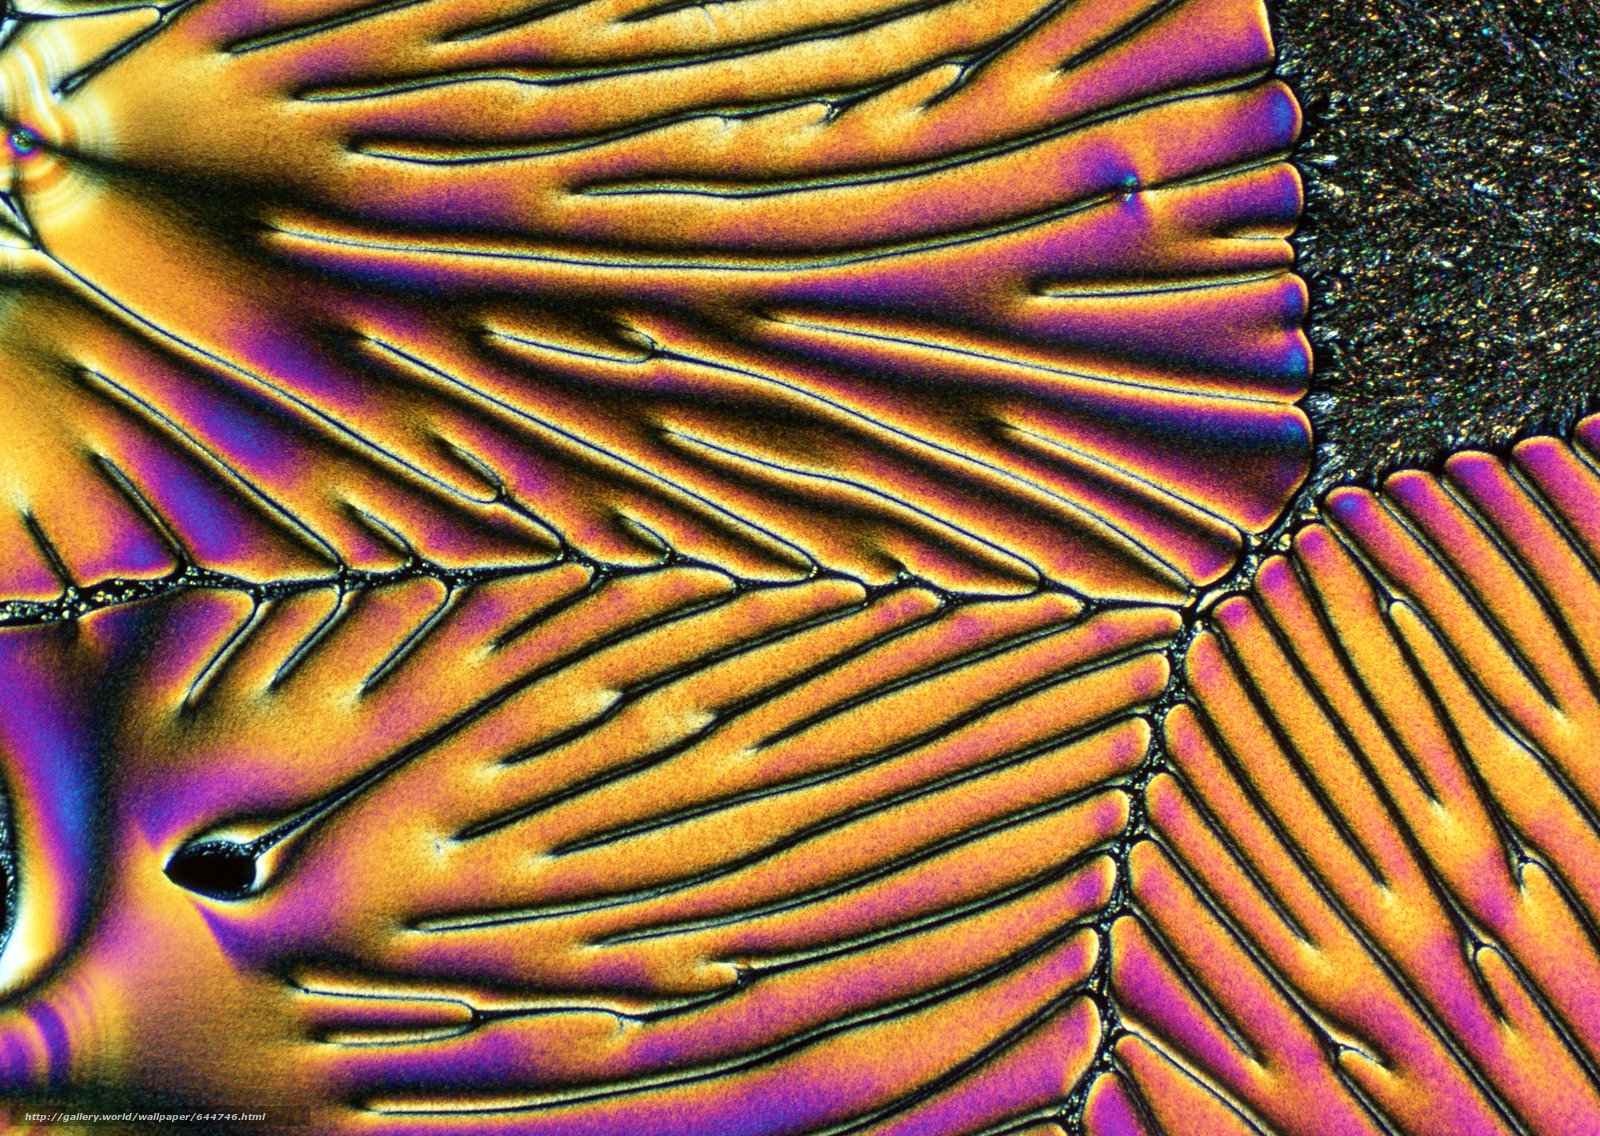 Скачать обои кристаллы под микроскопом,  кристалл,  микроскоп,  увеличение бесплатно для рабочего стола в разрешении 2950x2094 — картинка №644746